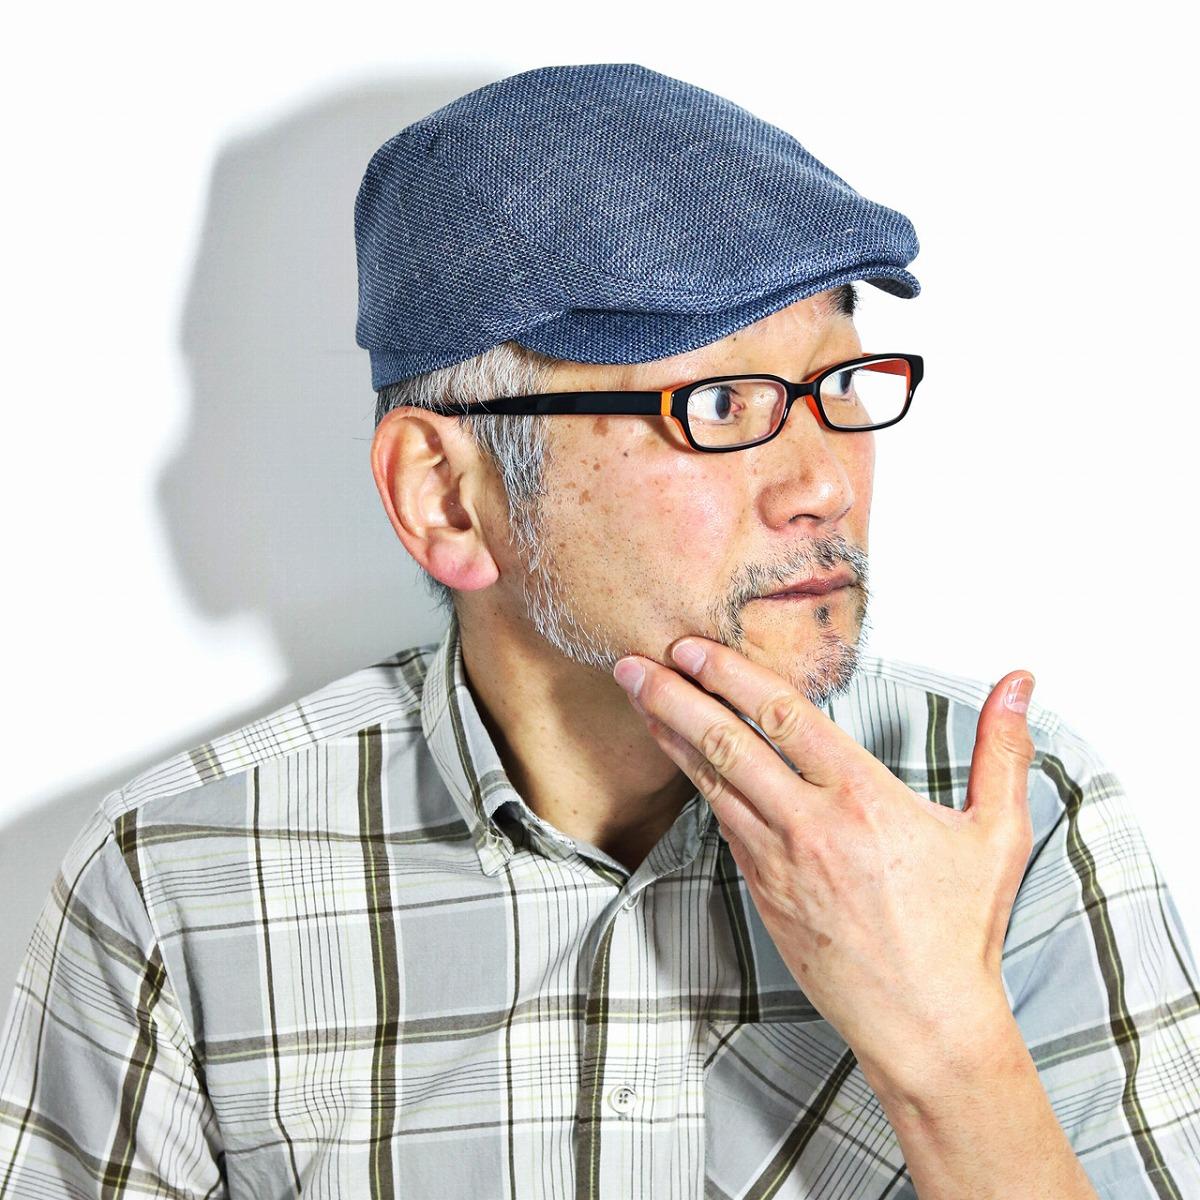 MAYSER 帽子 ハンチング メンズシルク混 軽量 マイザー やわらか ハンチングキャップ Frankie 絹 麻 ウール ハンチング帽 短つば 軽い 柔らかい ウール混 インポート 海外輸入 帽子 青 ブルー [ ivy cap ] 父の日 ギフト プレゼント